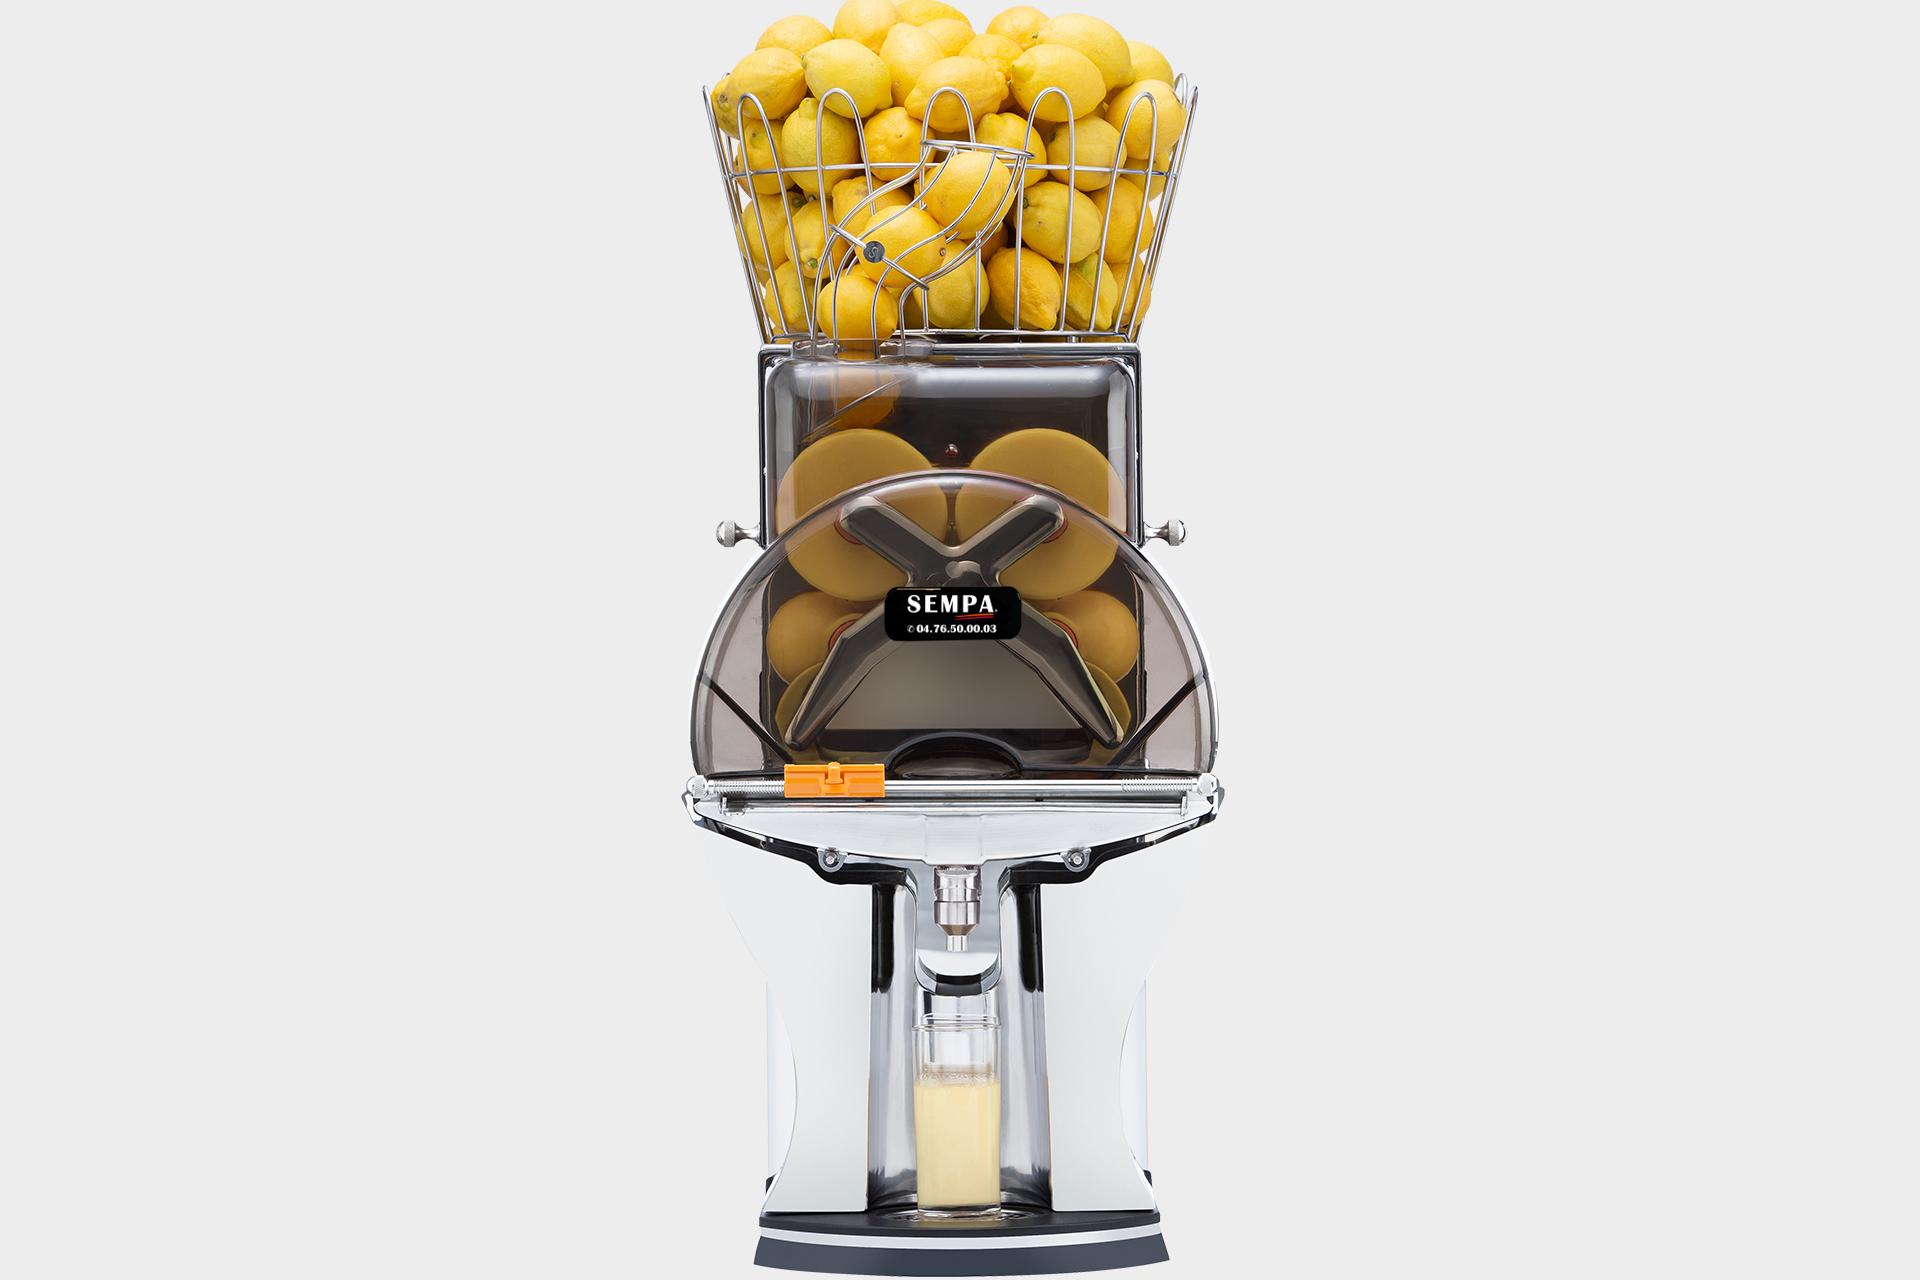 presse-citrons-professionnel